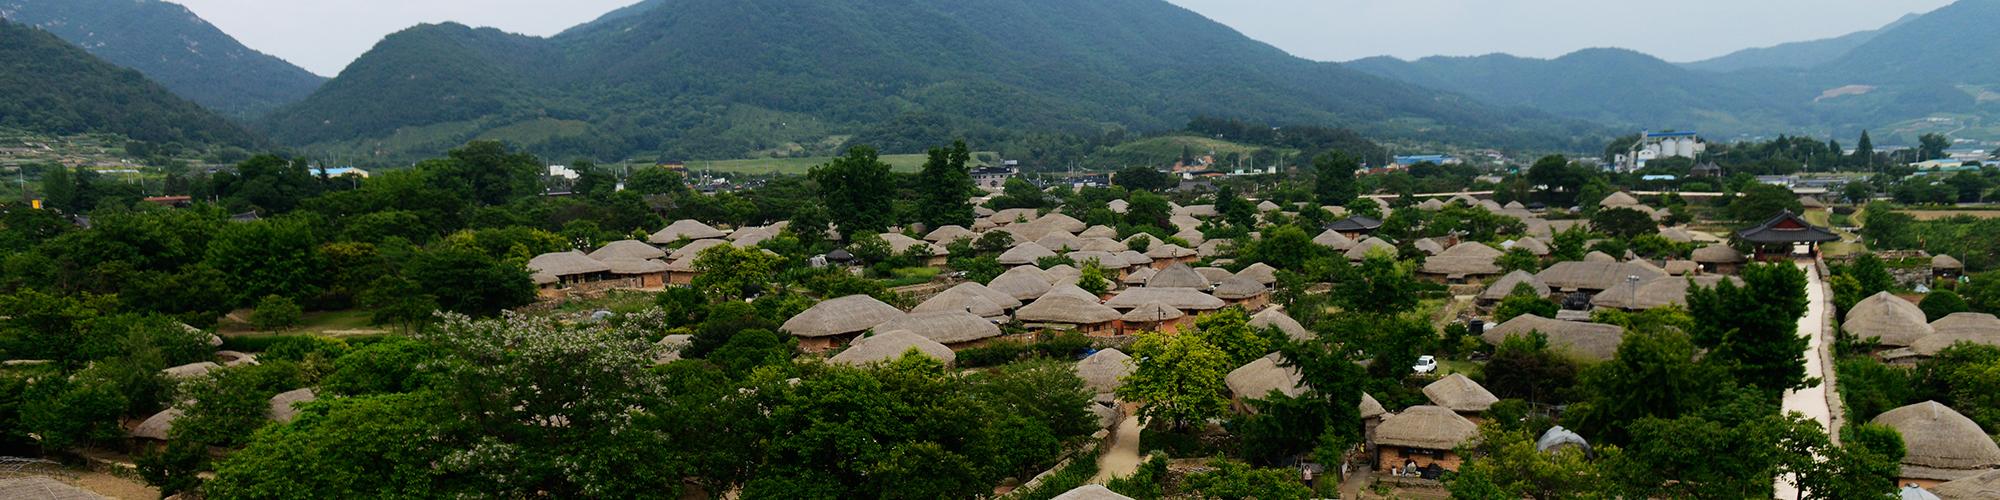 한국의 전통문화를 즐기고 싶다면? 전남 '이곳' 어때?